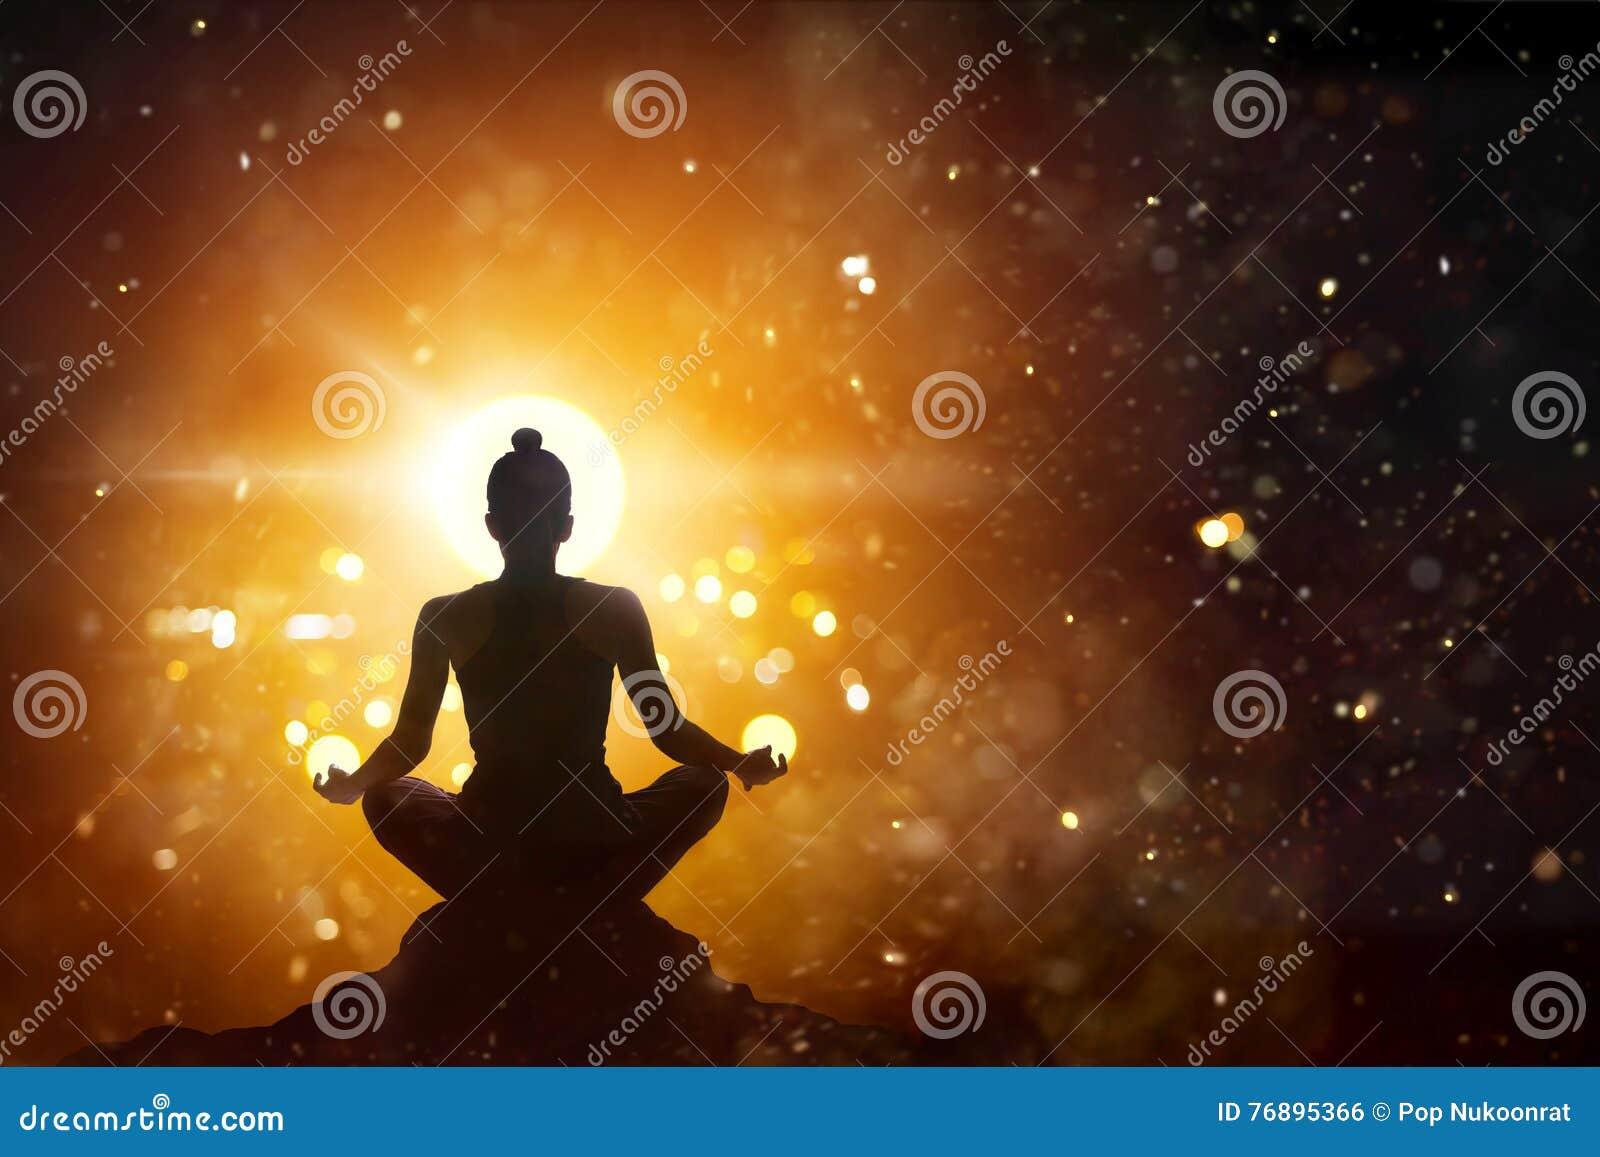 Frau, die im Lotoshaltungsyoga mit abstraktem Hintergrund meditiert